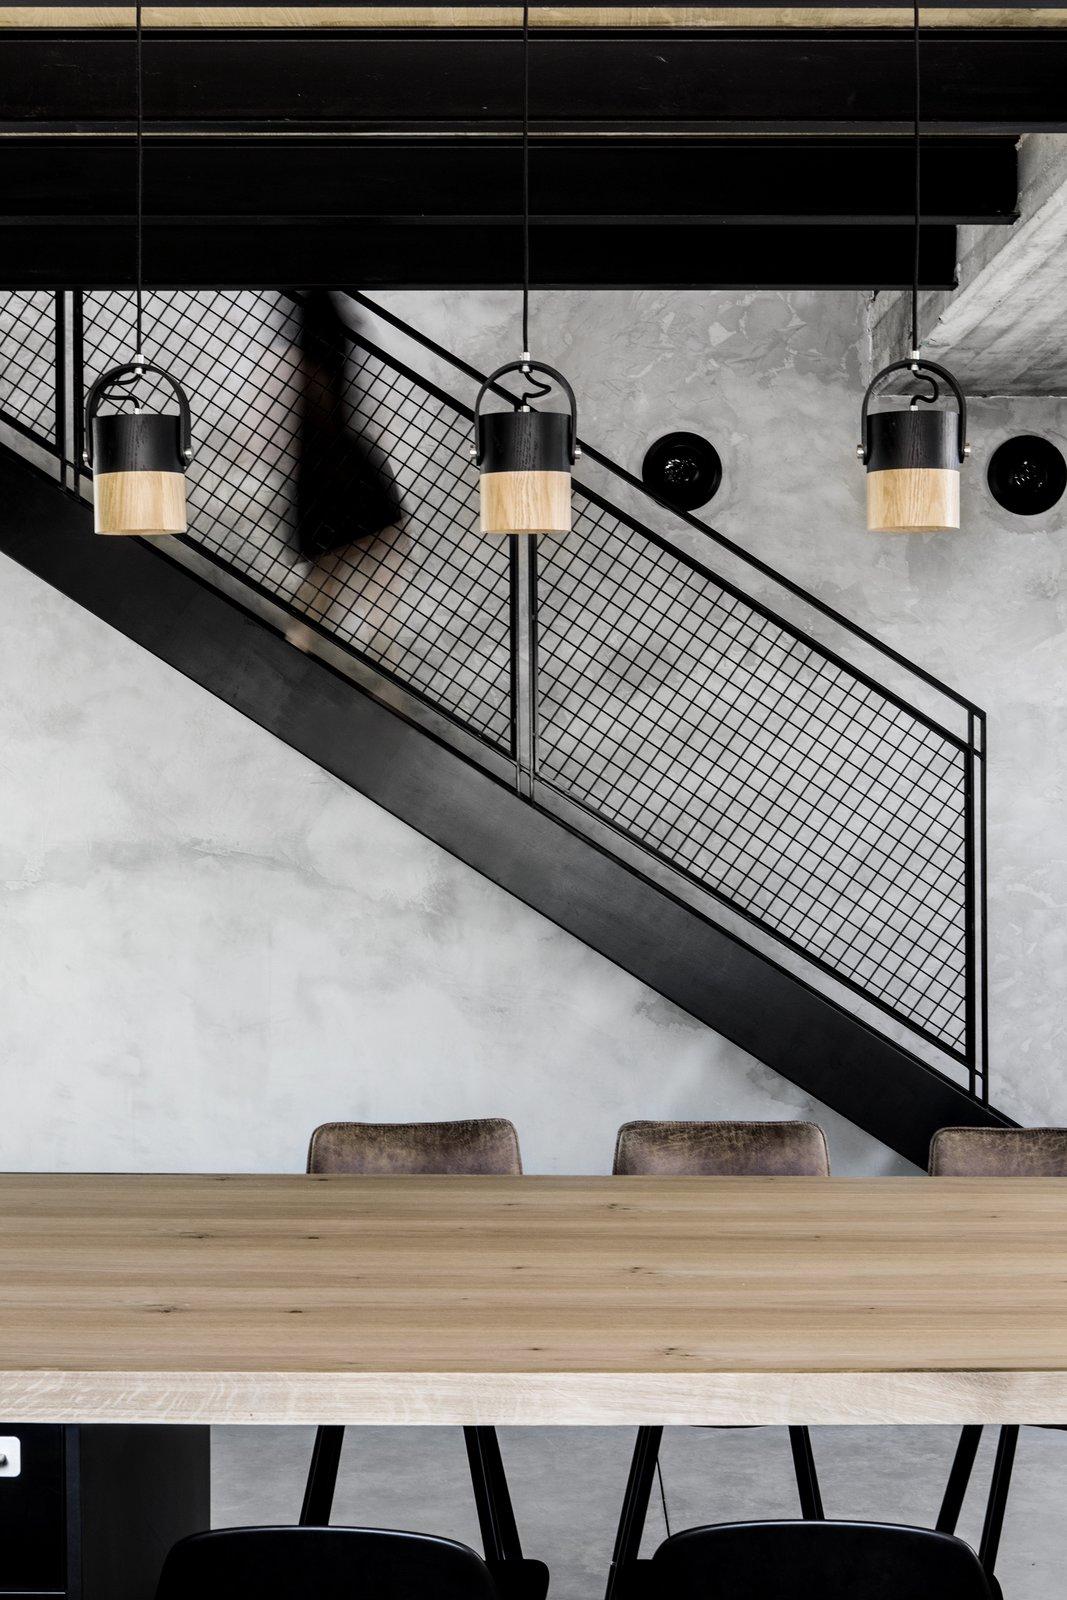 Staircase, Metal Tread, and Metal Railing  Nir Am House by Shir Shtaigman